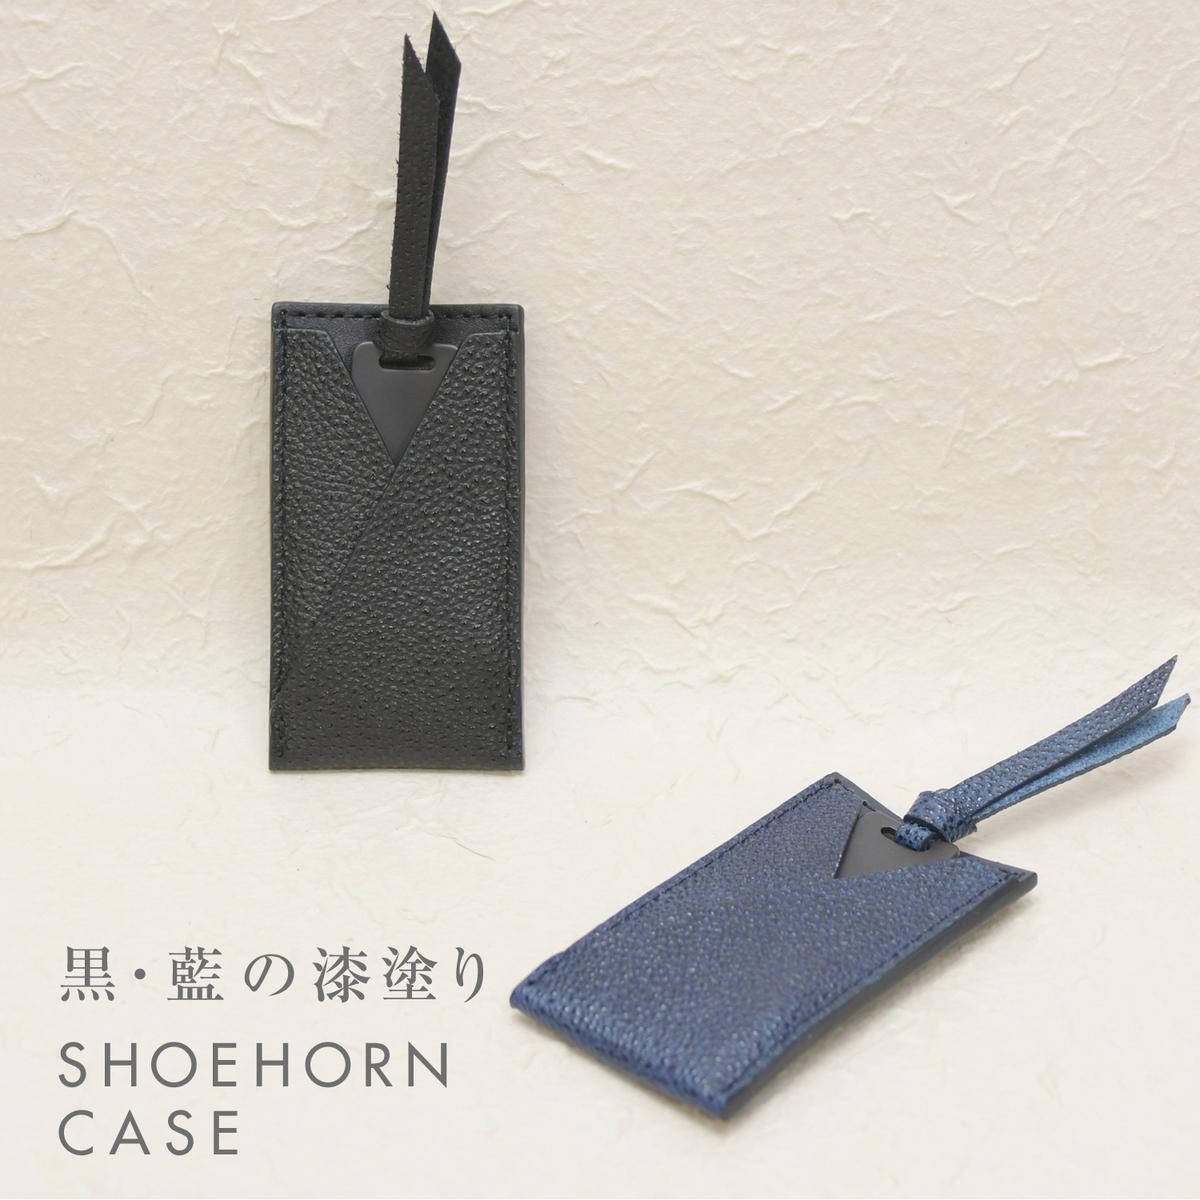 名入れ 黒桟革 藍染め 携帯 靴べら シューホーンケース 刻印付き レザー 漆塗り マットブラック shoehorn 高級 ギフト プレゼント